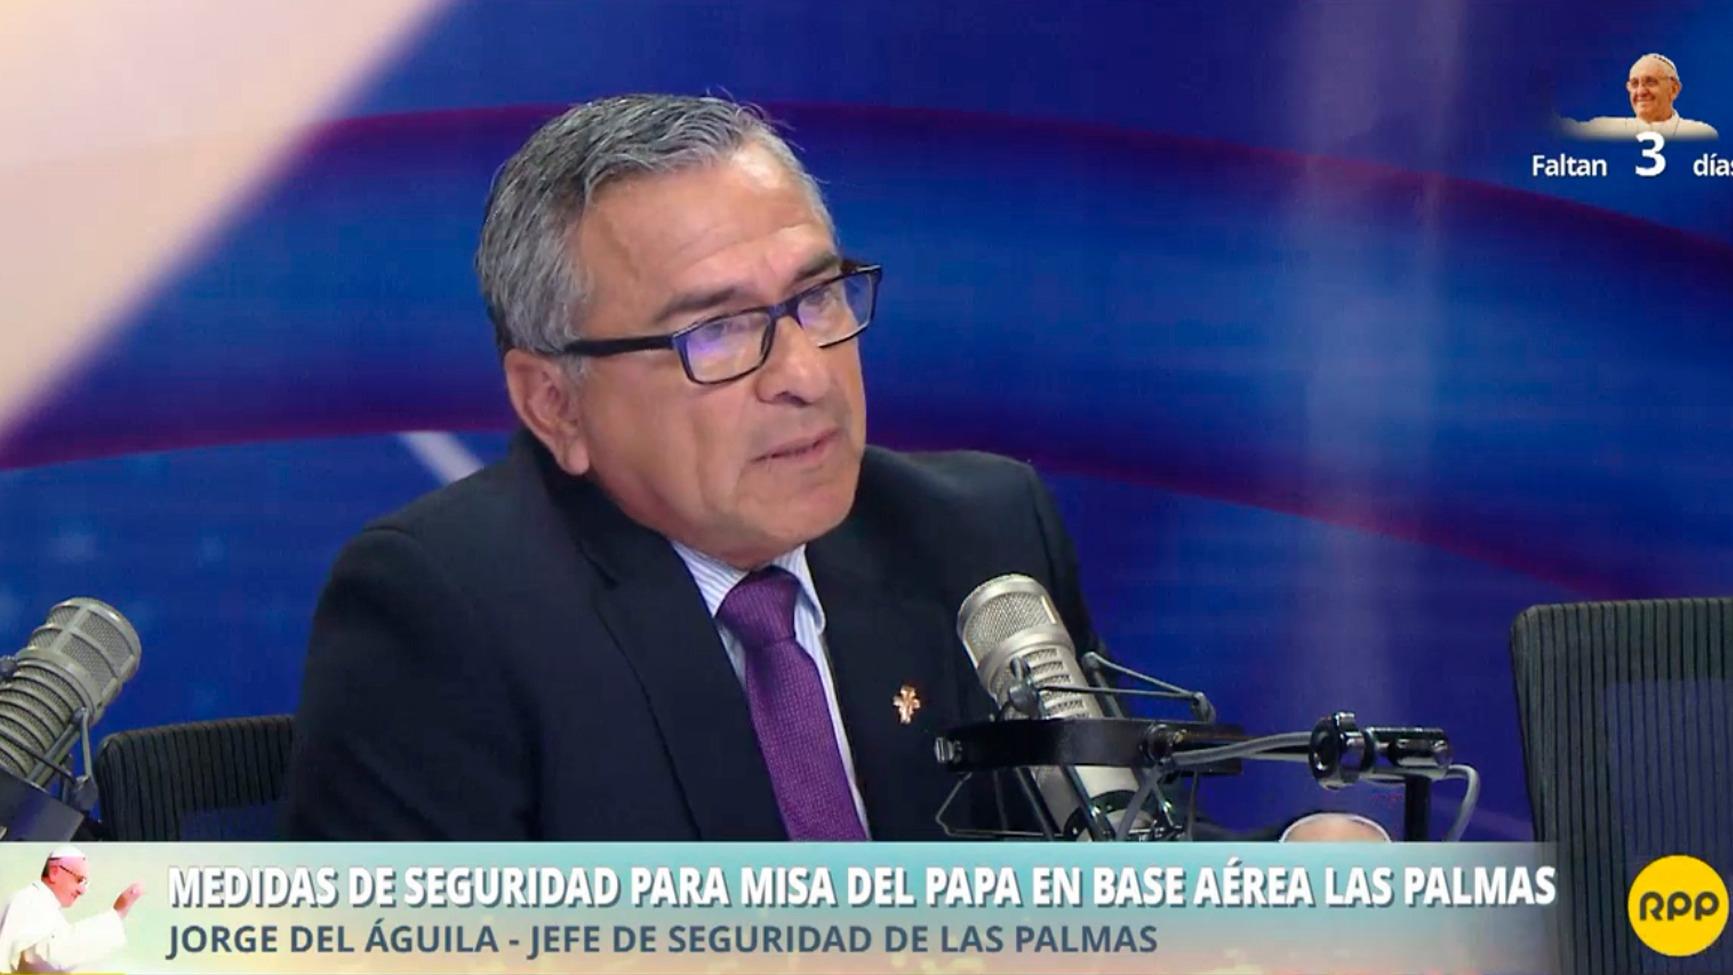 Las medidas de seguridad para la misa del papa en la base aérea Las Palmas